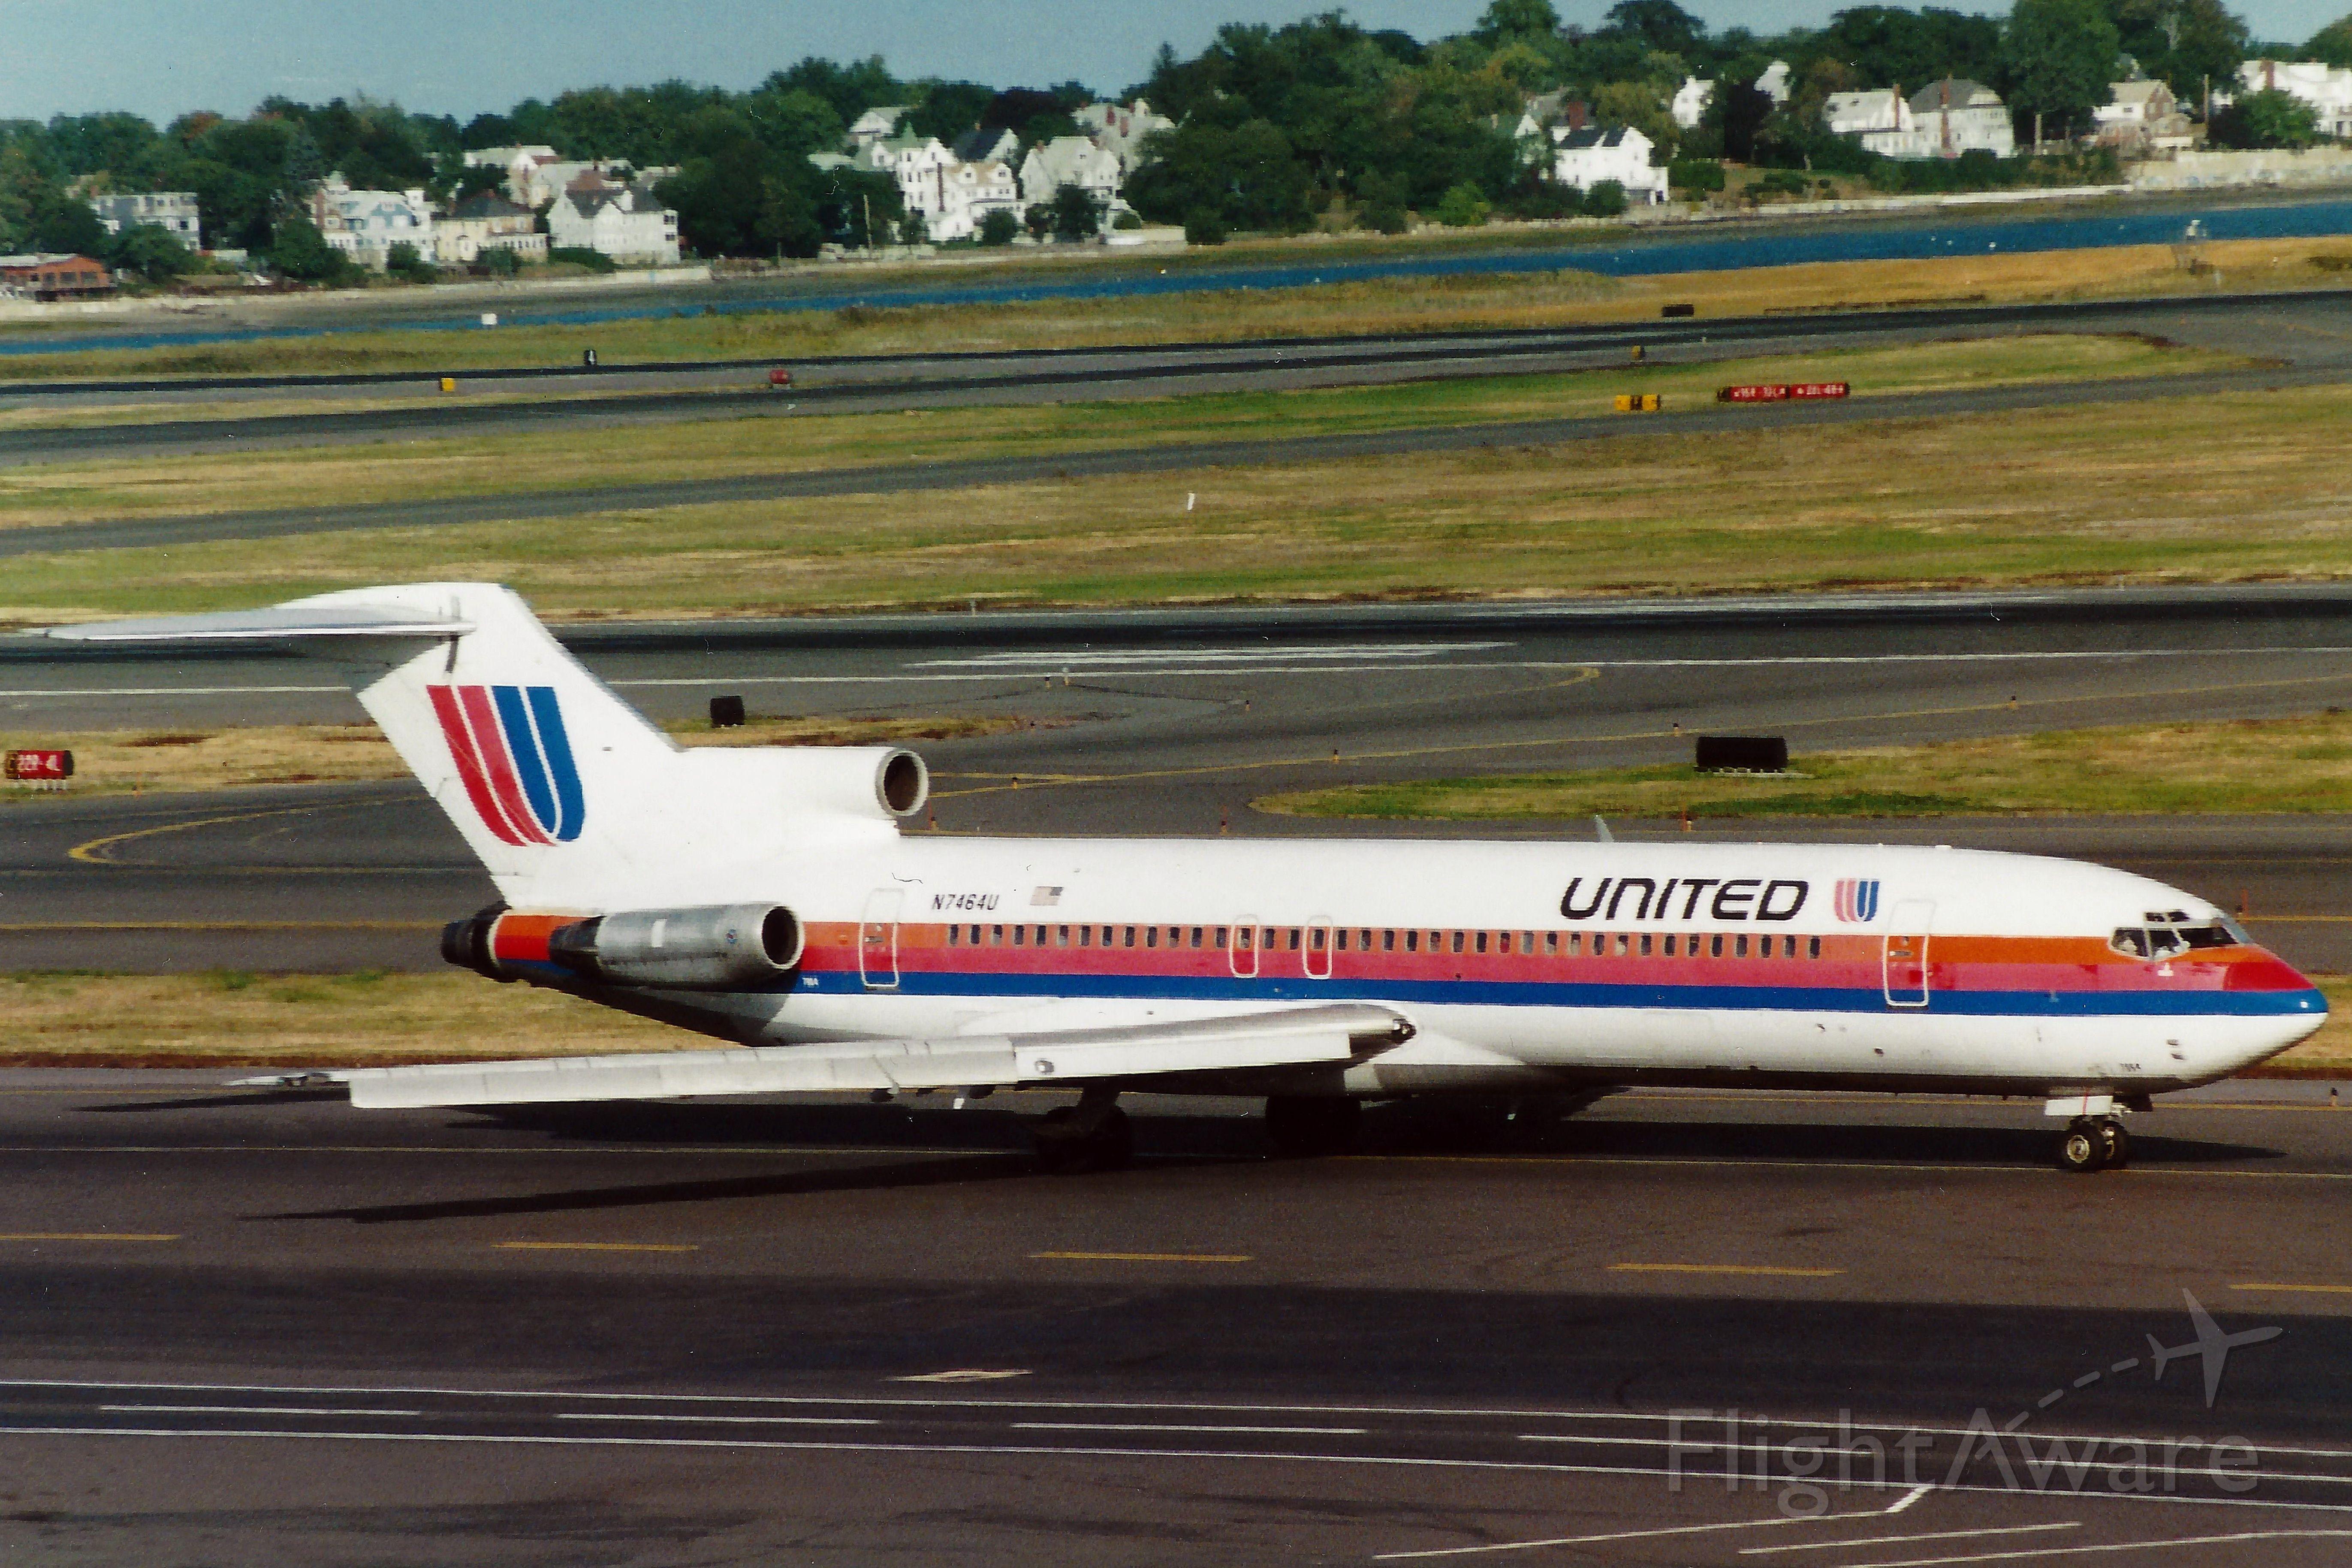 BOEING 727-200 (N7464U) - From 09/28/1997